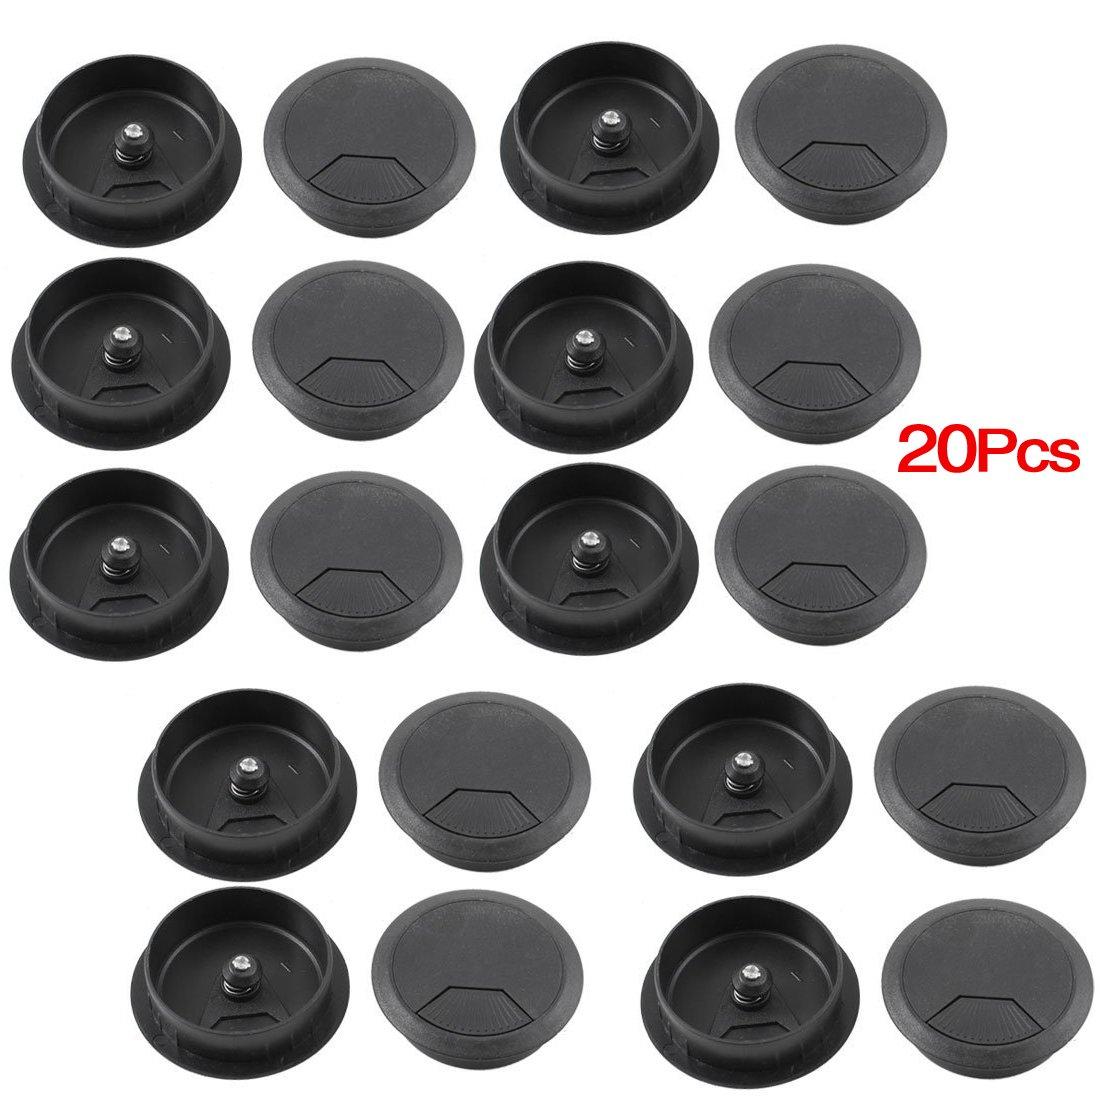 Pc Desk Black Plastic 50mm Diameter Grommet Cable Hole Cover 20 Pcs Wiring Grommets Uk Diy Tools